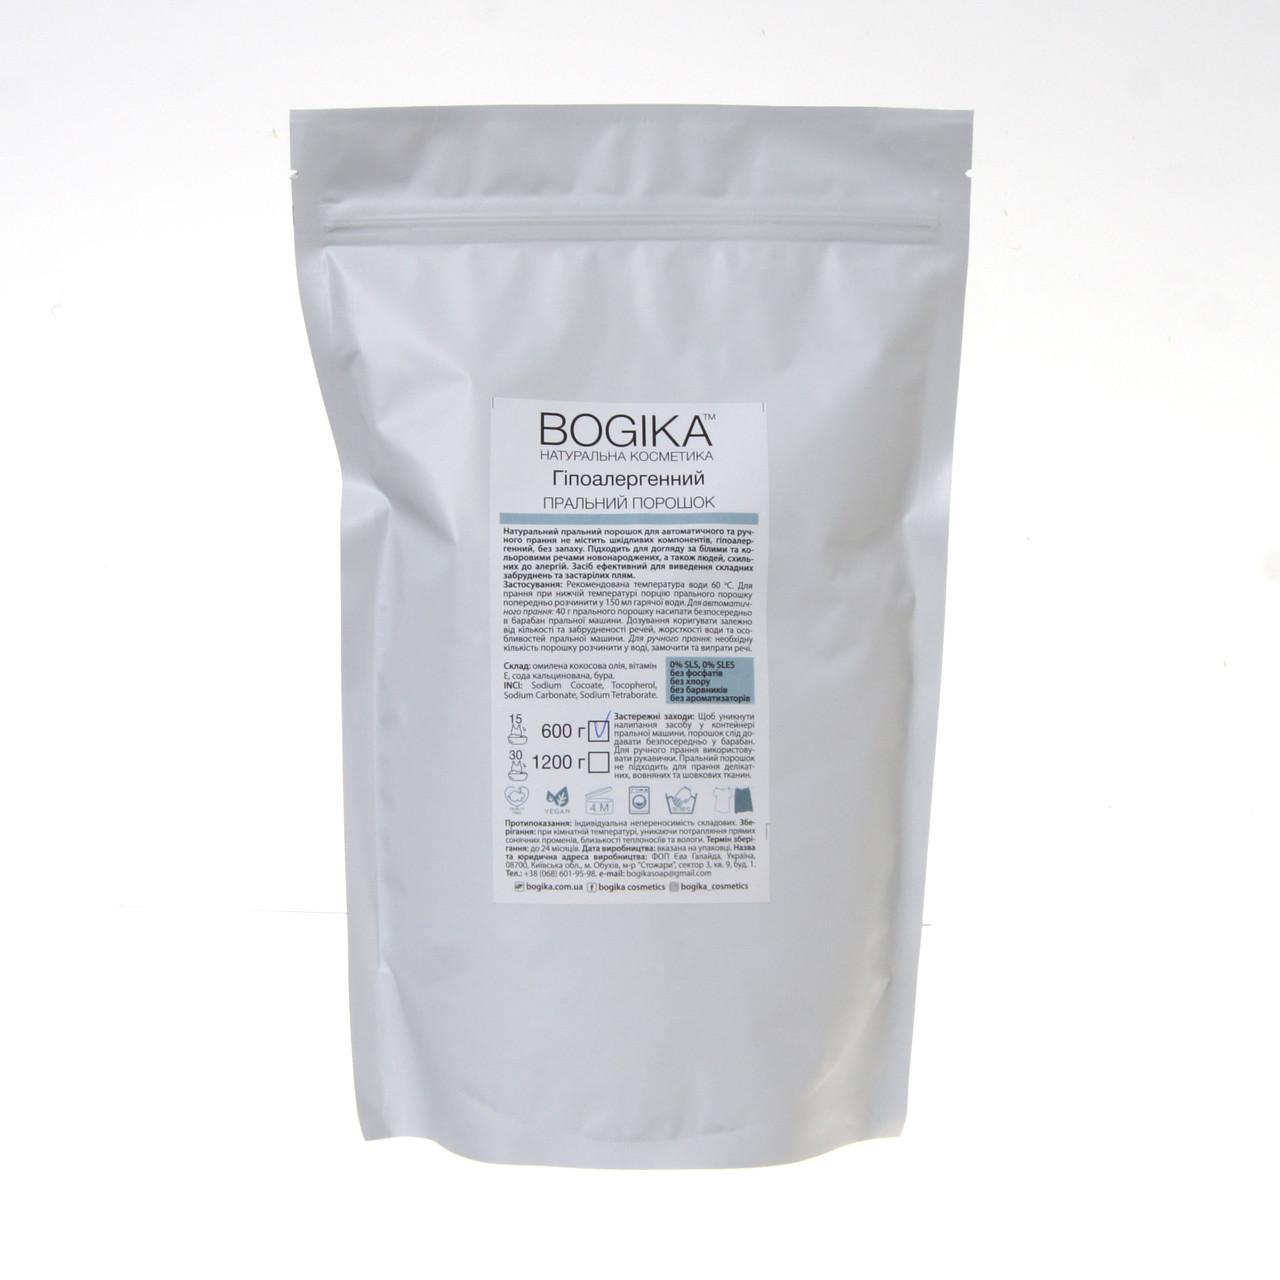 Пральний порошок BOGIKA, 600 г